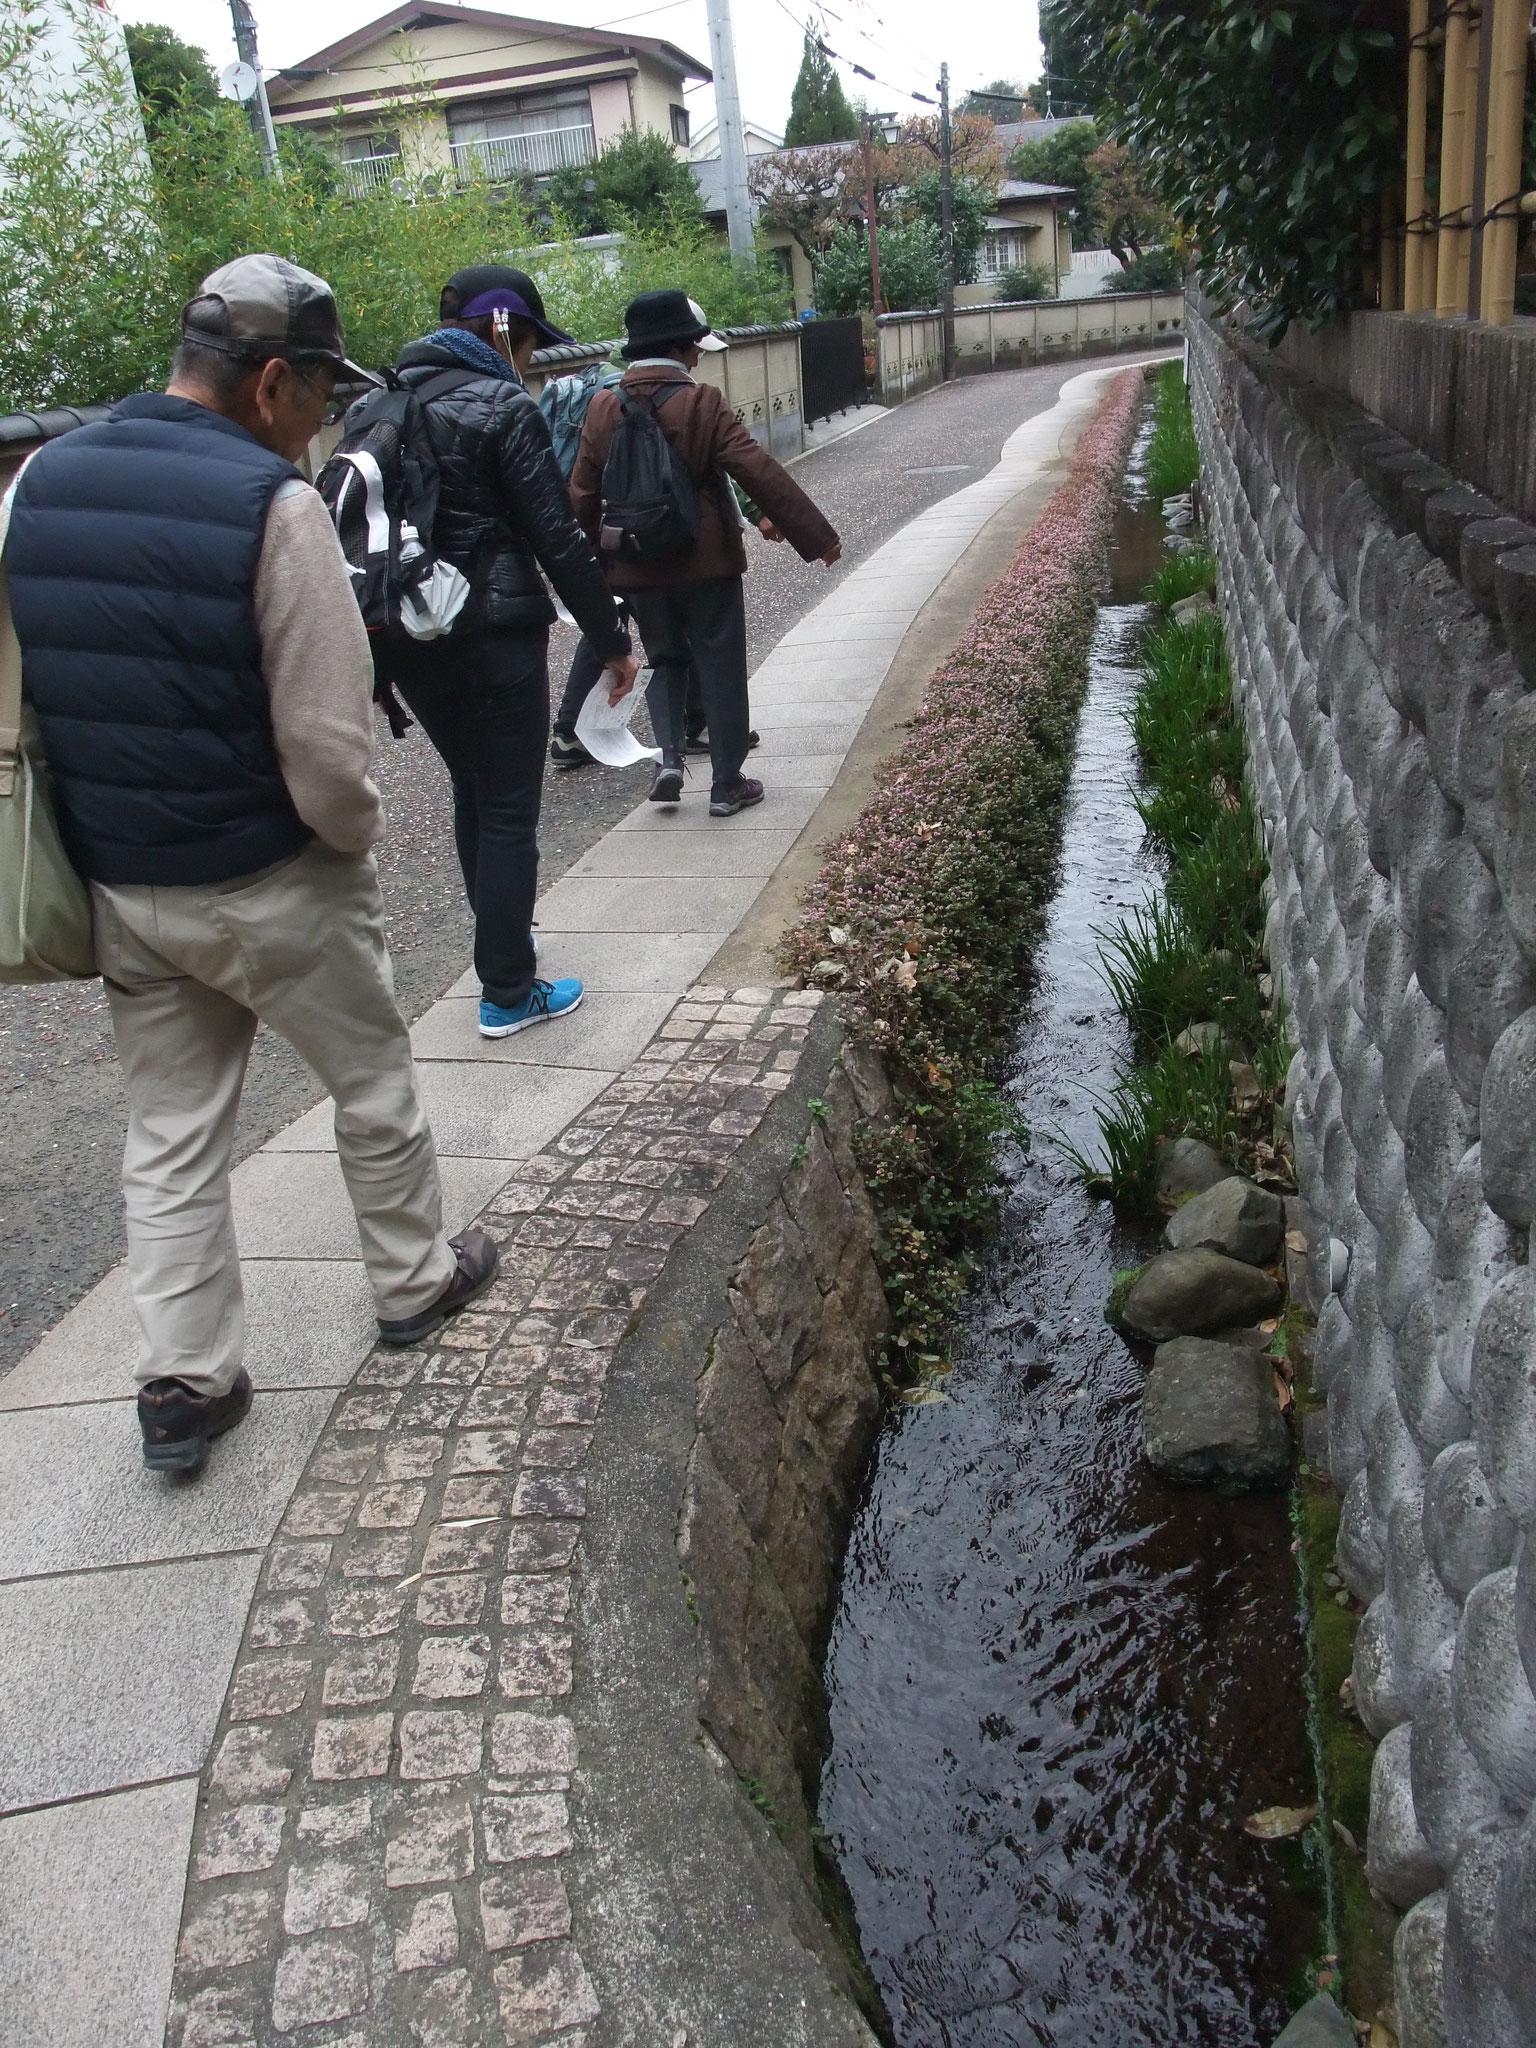 鈴鹿・長宿地区の湧水の流れを散策